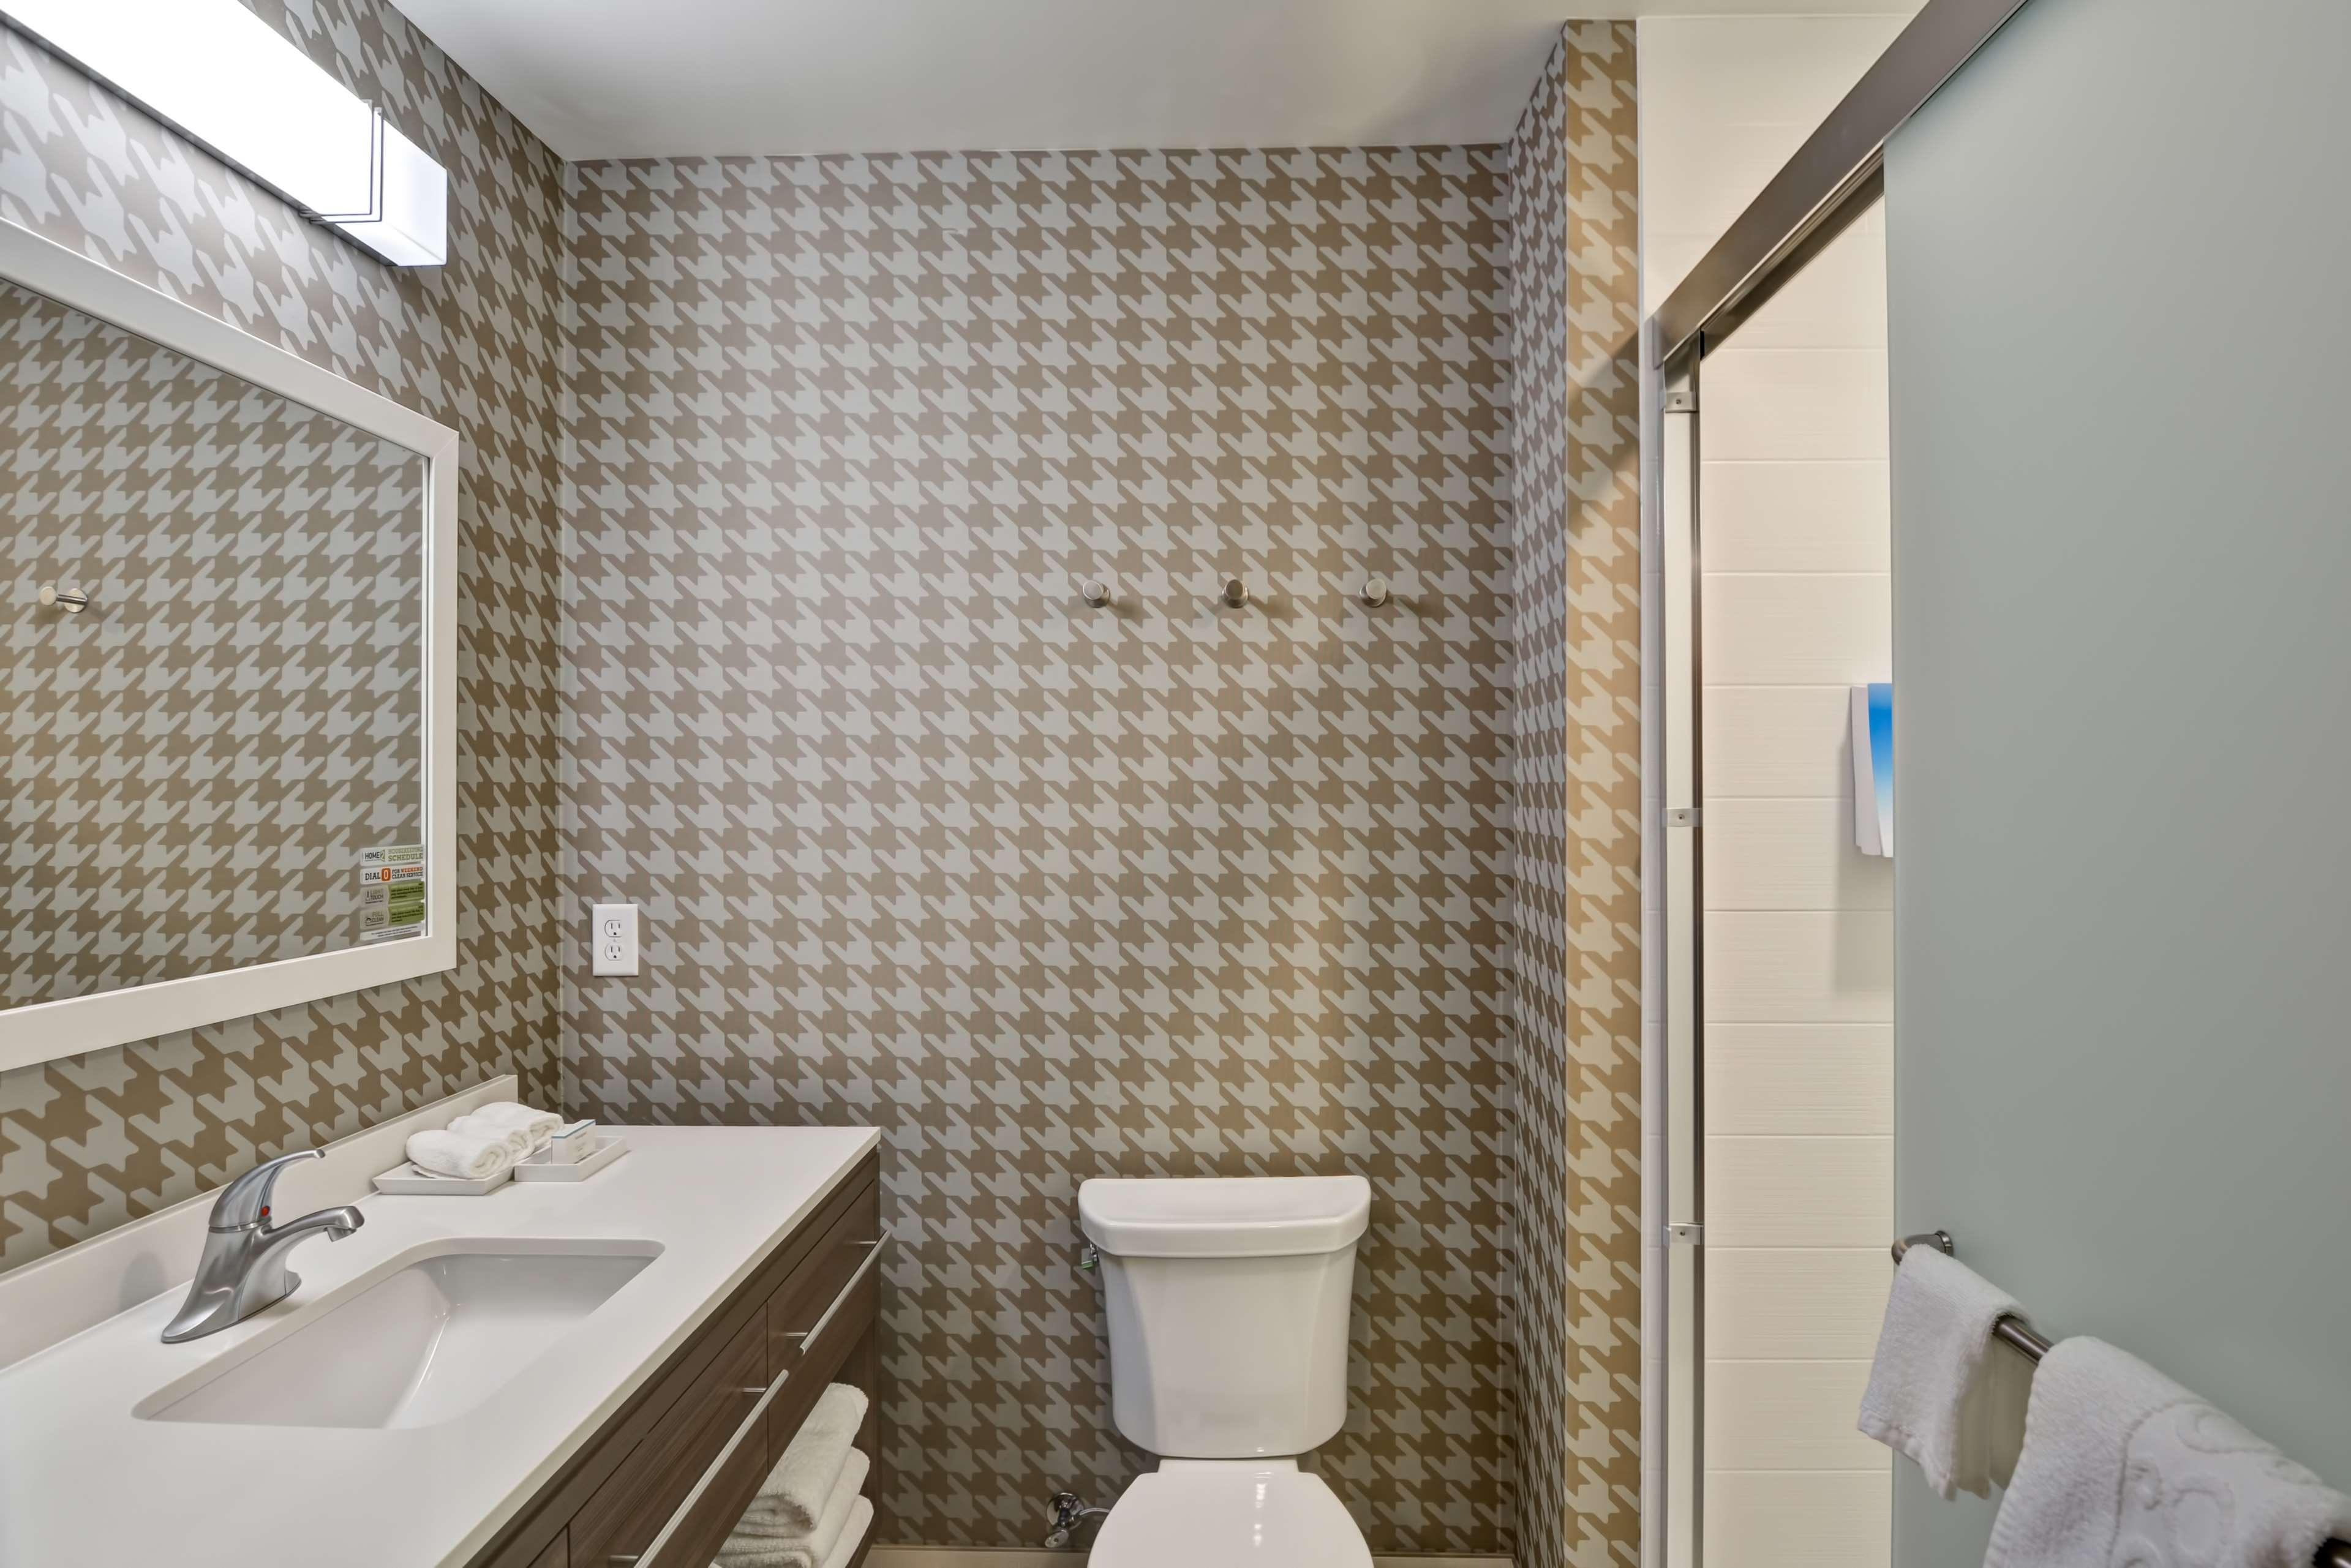 Home2 Suites by Hilton Lafayette image 27